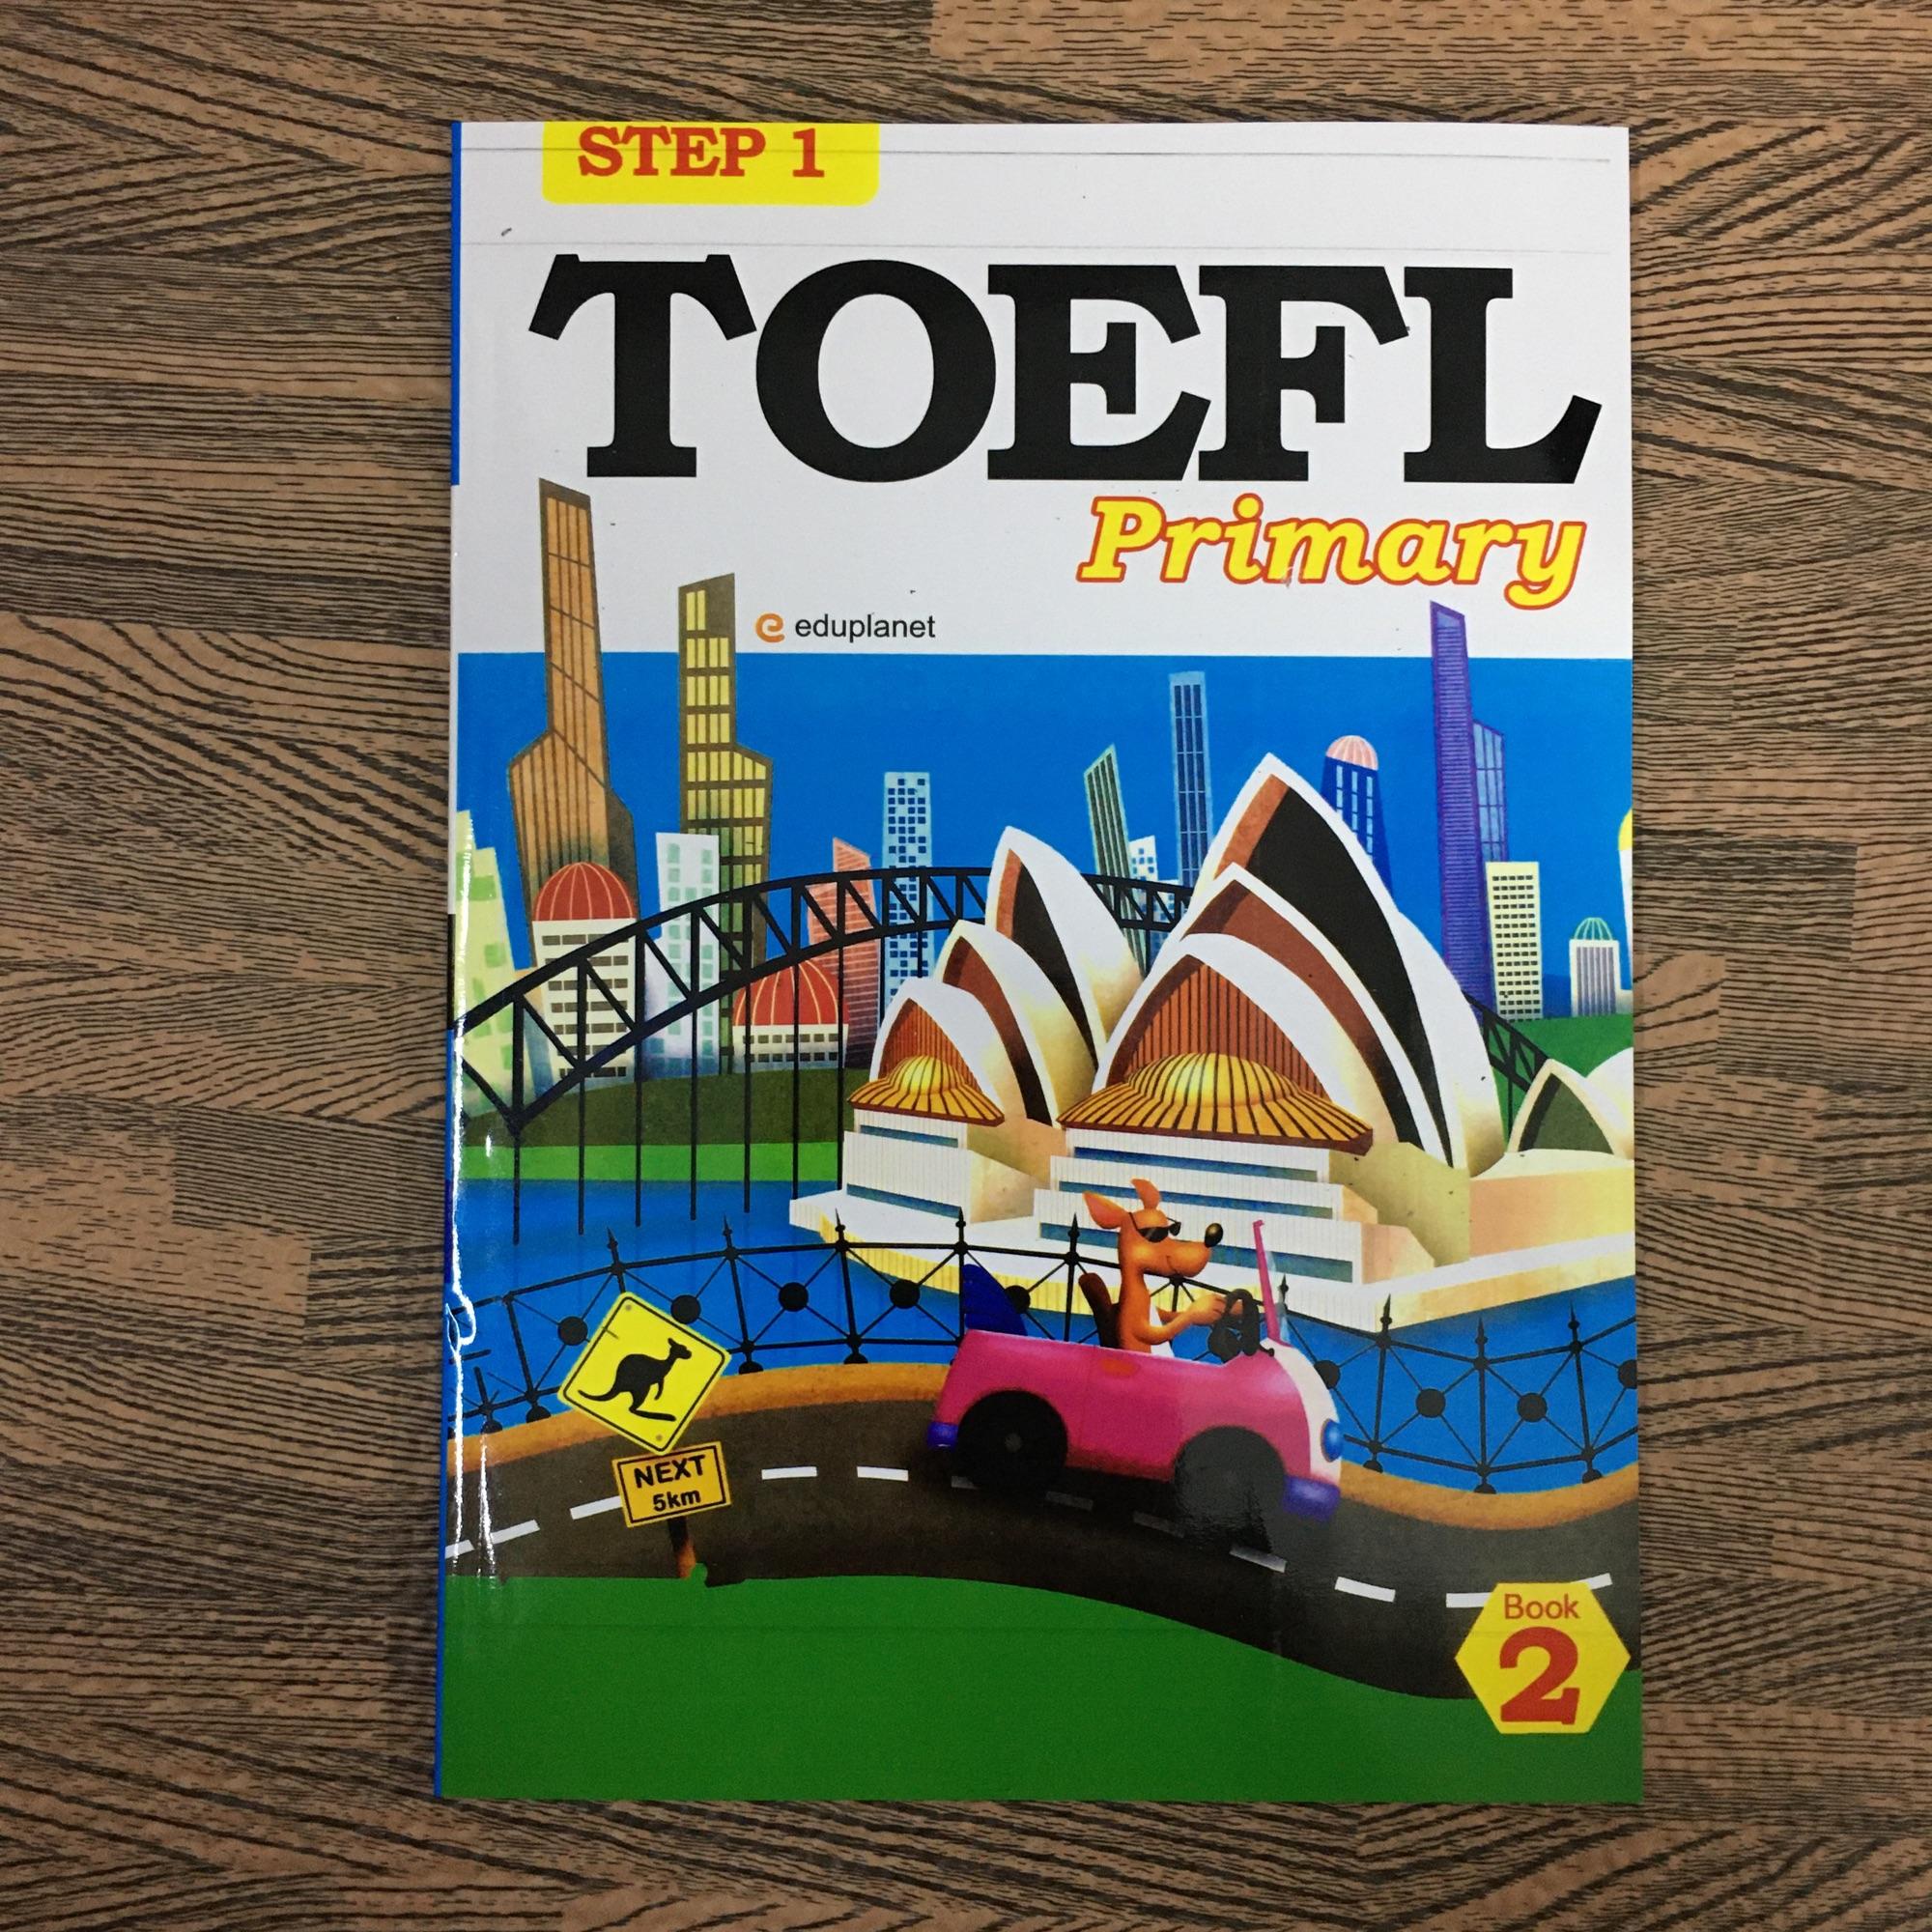 Giá Tiết Kiệm Để Sở Hữu Ngay Sách Step 1 Toefl Primary Book 2 (kèm File Nghe)